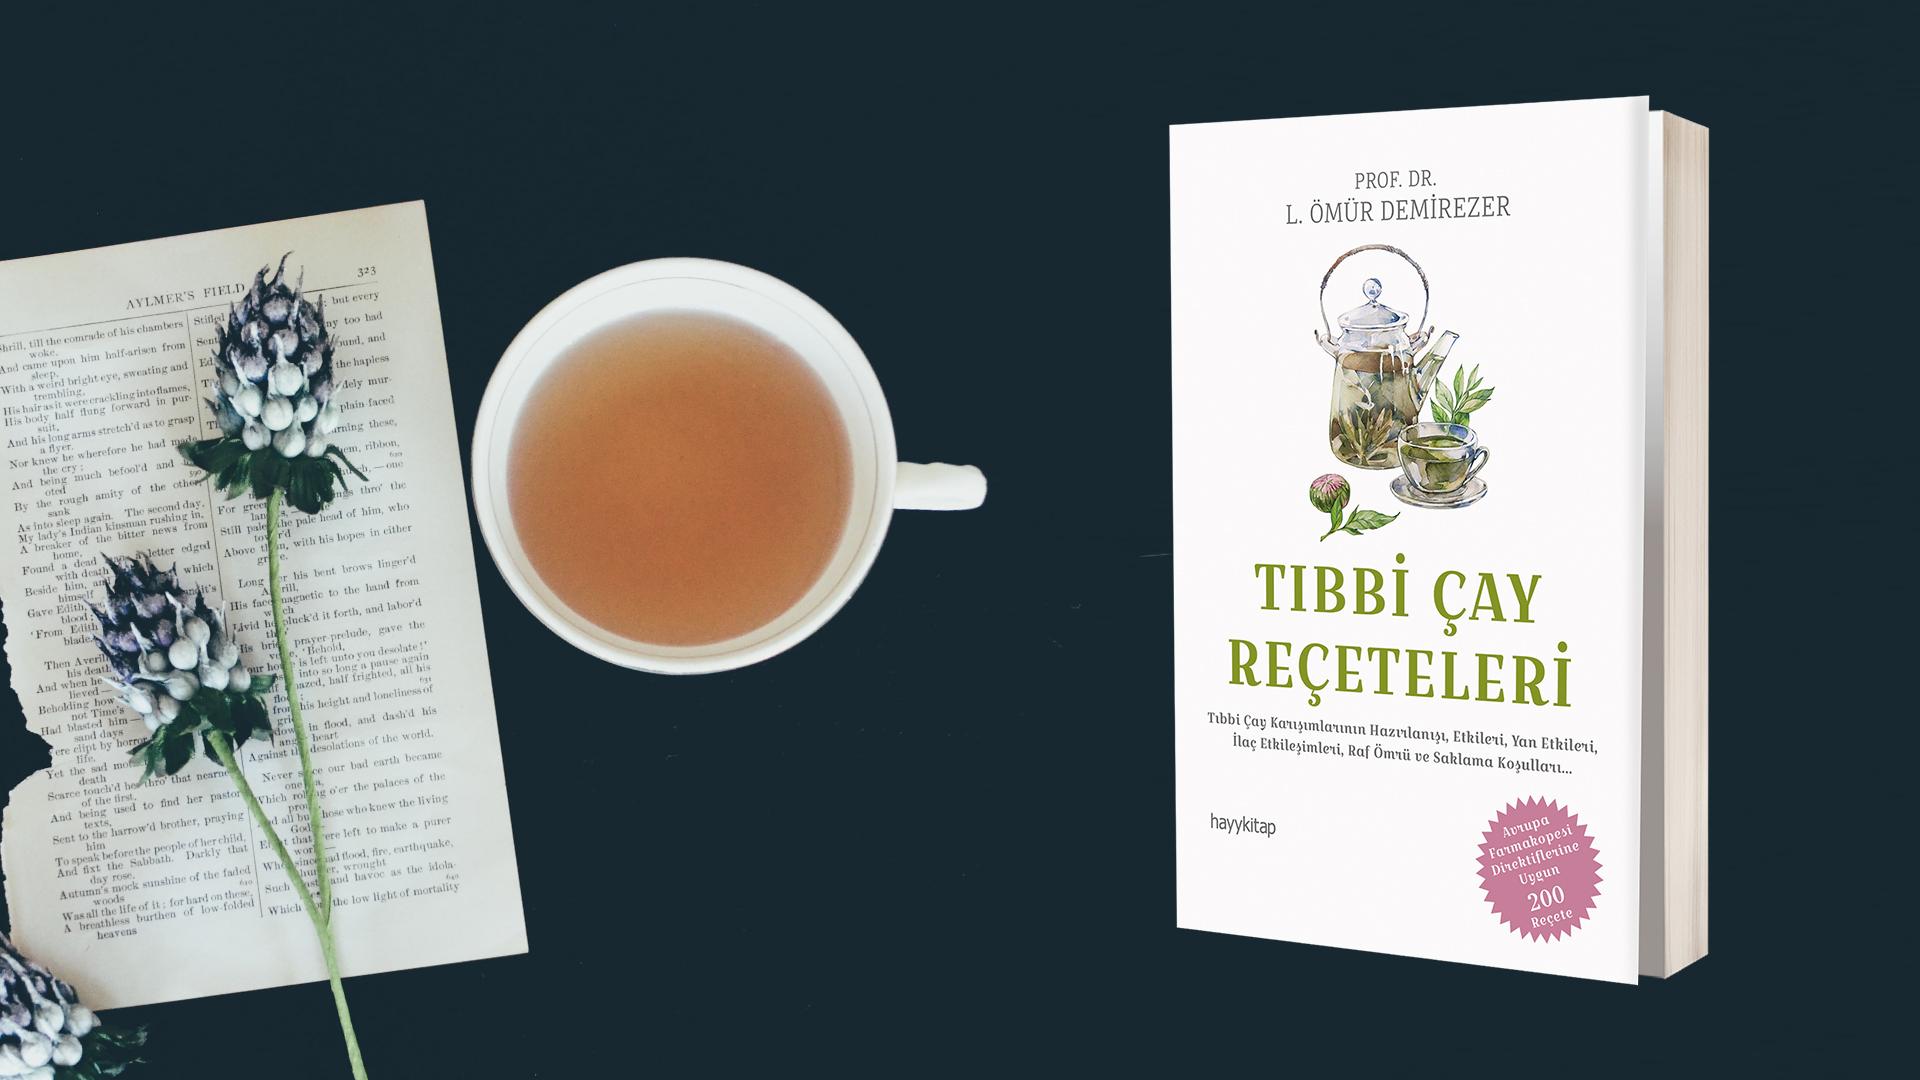 Tıbbi Çay Reçeteleri